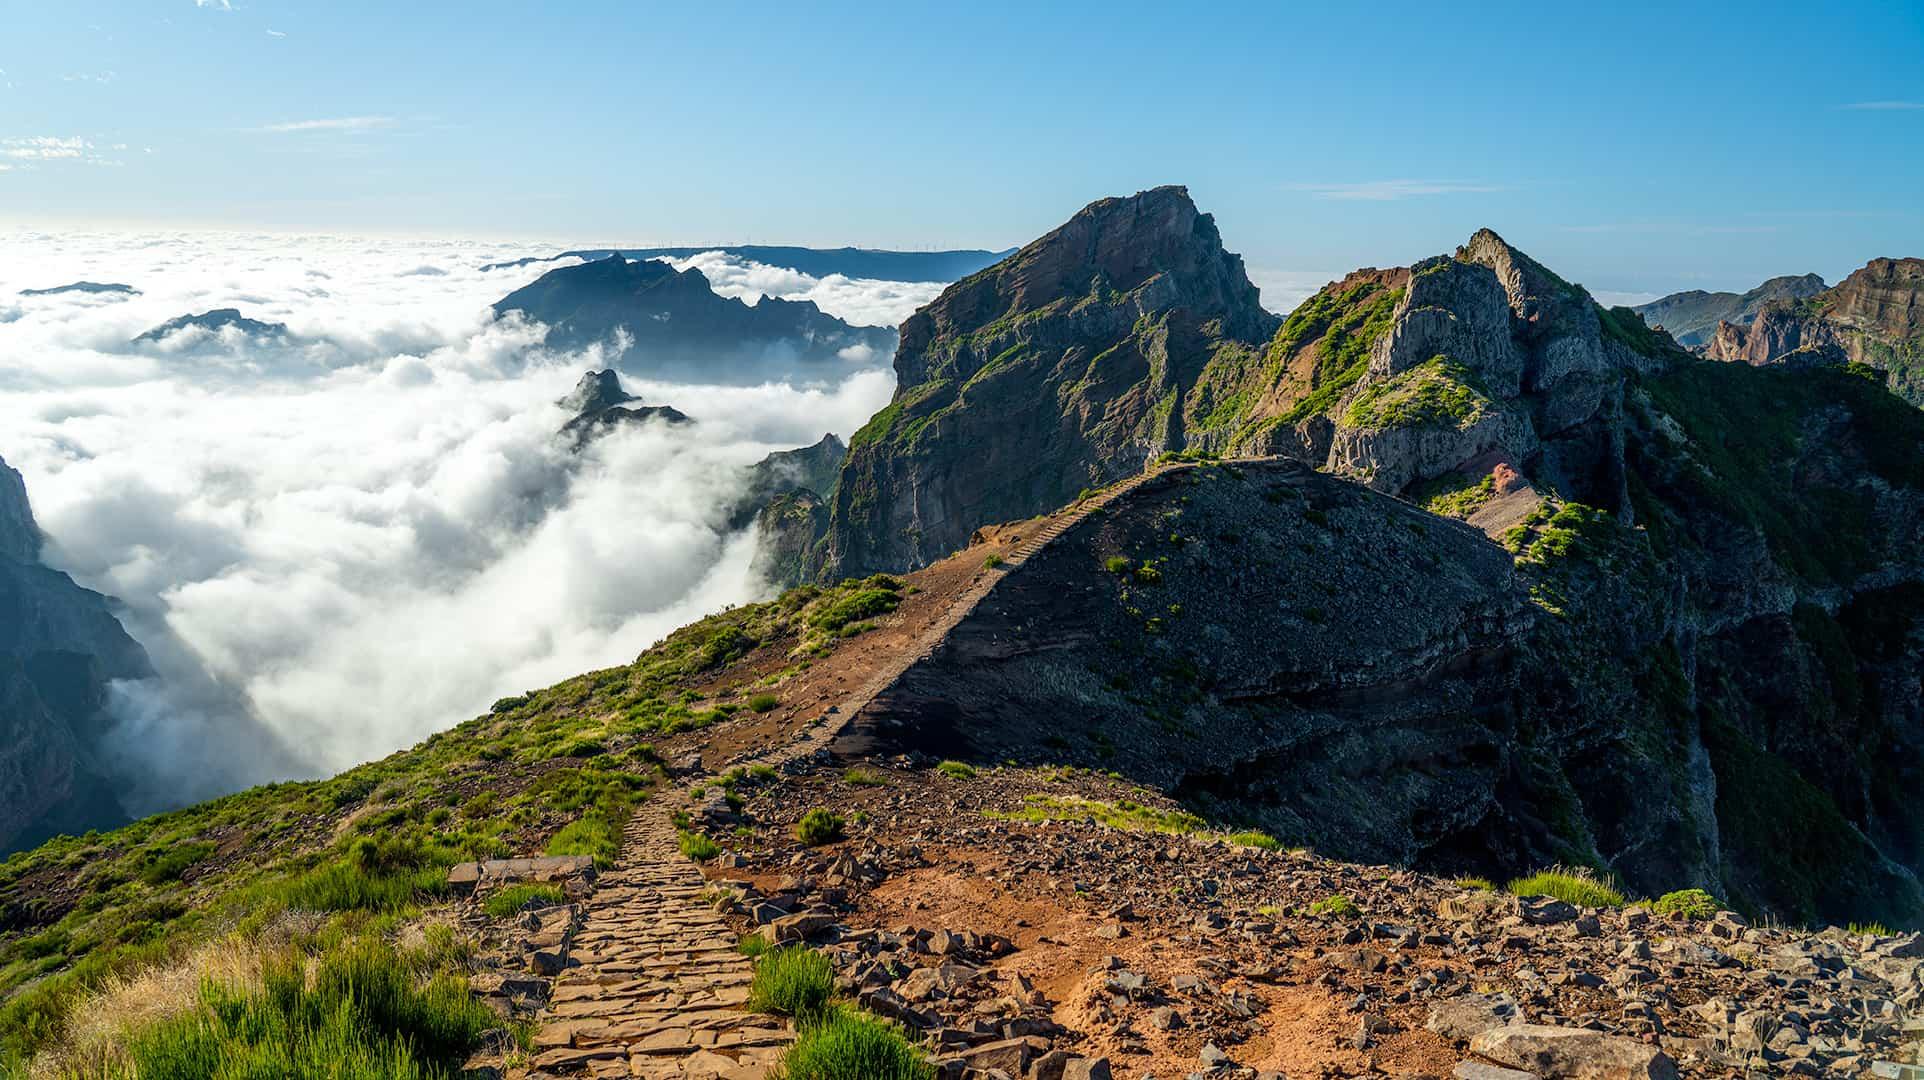 pico-do-arieiro-pico-ruivo-hik-path